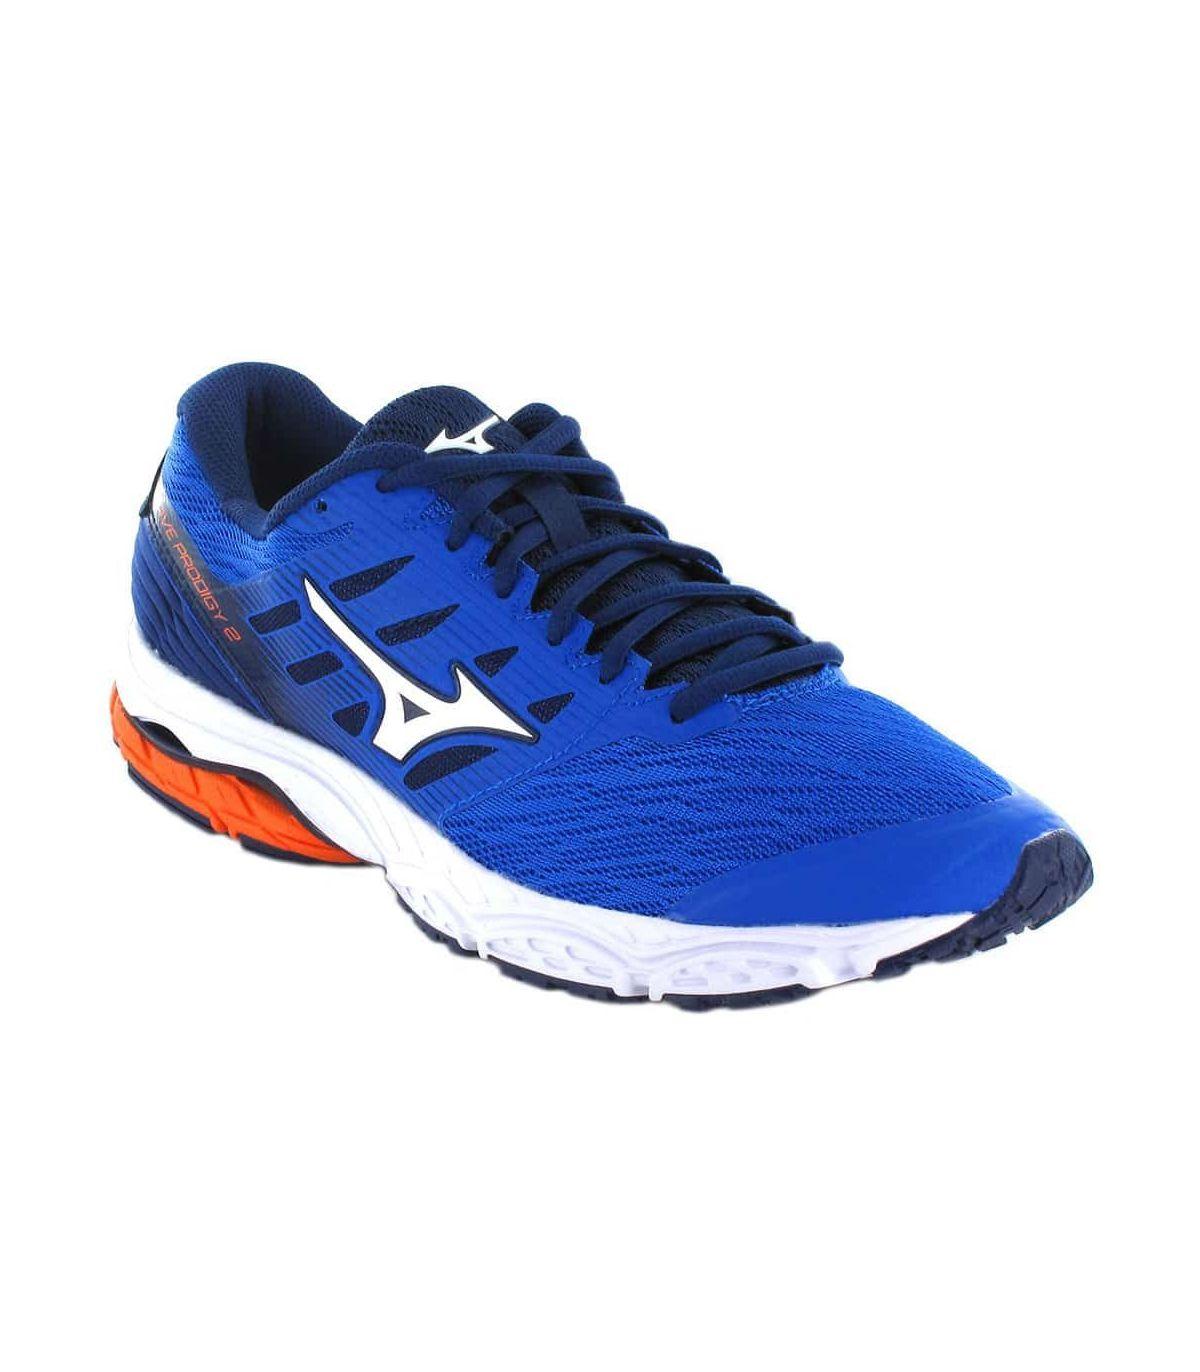 Mizuno Wave Prodigy 2 Azul Mizuno Zapatillas Running Hombre Zapatillas Running Tallas: 41, 42, 43, 44, 44,5, 45, 46